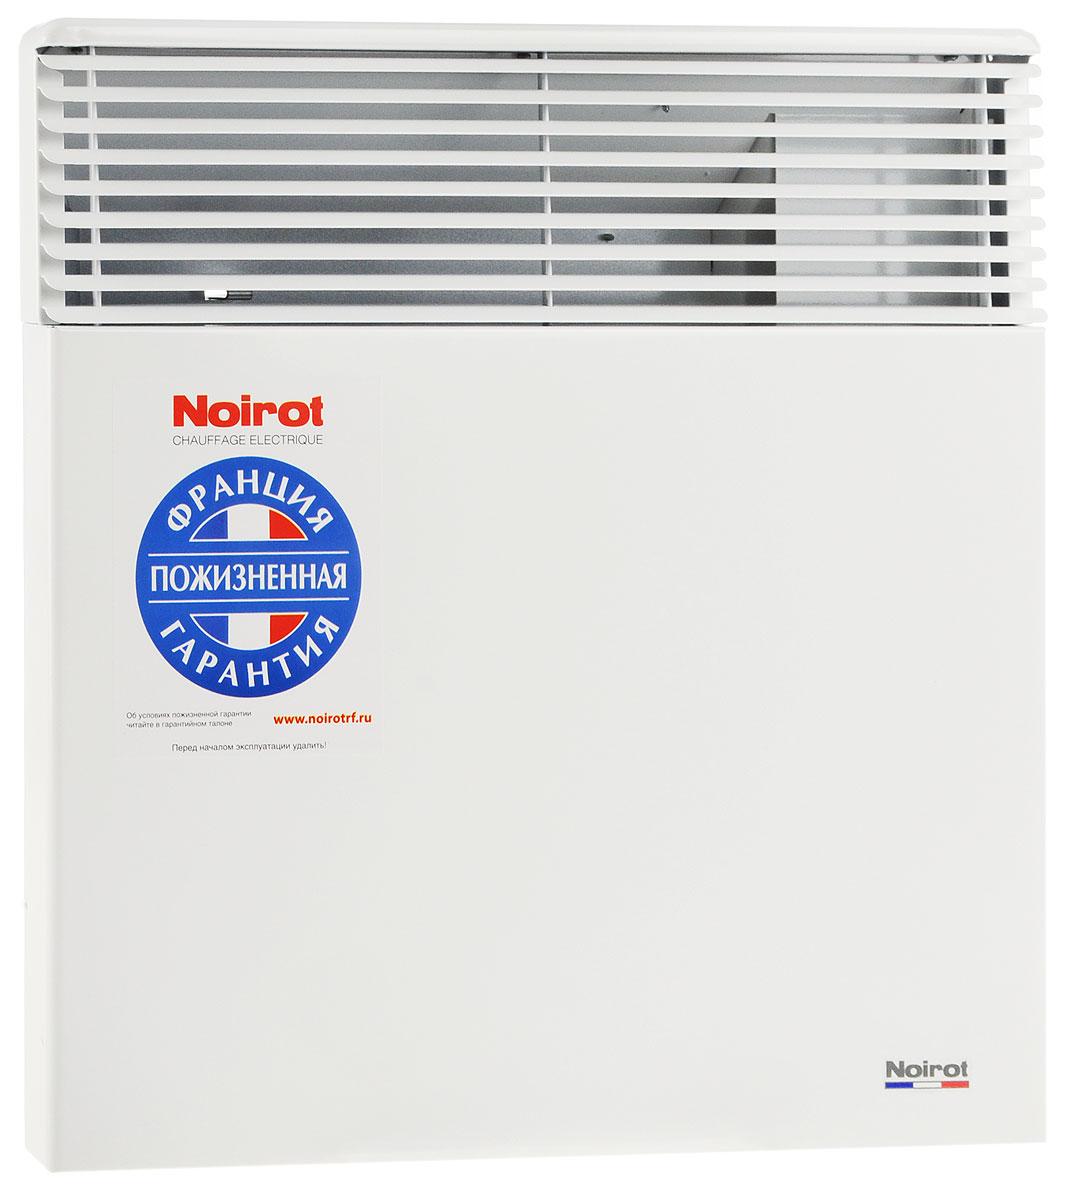 Noirot Spot E-5 1000W обогревательHYH1173FDFSNoirot Spot E-5 - это электрический обогреватель конвективного типа. Вся конструкция направлена на равномерное распределение тепла для обогрева с максимальным комфортом. Конвектор работает по принципу естественной конвекции. Холодный воздух, проходя через прибор и его нагревательный элемент, нагревается и выходит сквозь решетки-жалюзи, незамедлительно начиная обогревать помещение.Конструктивные особенности конвекторов серии Spot E-5 исключают возникновение посторонних шумов при нагреве и остывании электрических обогревателей и гарантируют полную безопасность в эксплуатации (отсутствие острых углов, нагрев поверхности не выше 60°С).Обогреватели серии оснащены электронным цифровым термостатом ASIC, который поддерживает температуру с точностью до 0,1°С. Высокая точность поддержания температуры приводит к экономии электроэнергии, увеличению срока службы прибора и созданию максимального комфорта в помещении без скачков температуры.Электронная автоматика выдерживает перепады напряжения от 150 В до 242 В, что наиболее актуально при частых скачках напряжения. На случай возможных перебоев с электропитанием в обогревателях предусмотрена функция авторестарта, восстанавливающая работу прибора в прежнем режиме.Обогреватели имеют II класс электрозащиты, не требуют специального подключения к электросети и не нуждаются в заземлении, что позволяет оставлять их включенными 24 часа в сутки. При точном соблюдении правил эксплуатации исключена любая возможность воспламенения.Все модели серии Spot E-5 выполнены в брызгозащищенном исполнении (IP 24) и могут применяться даже во влажных помещениях.